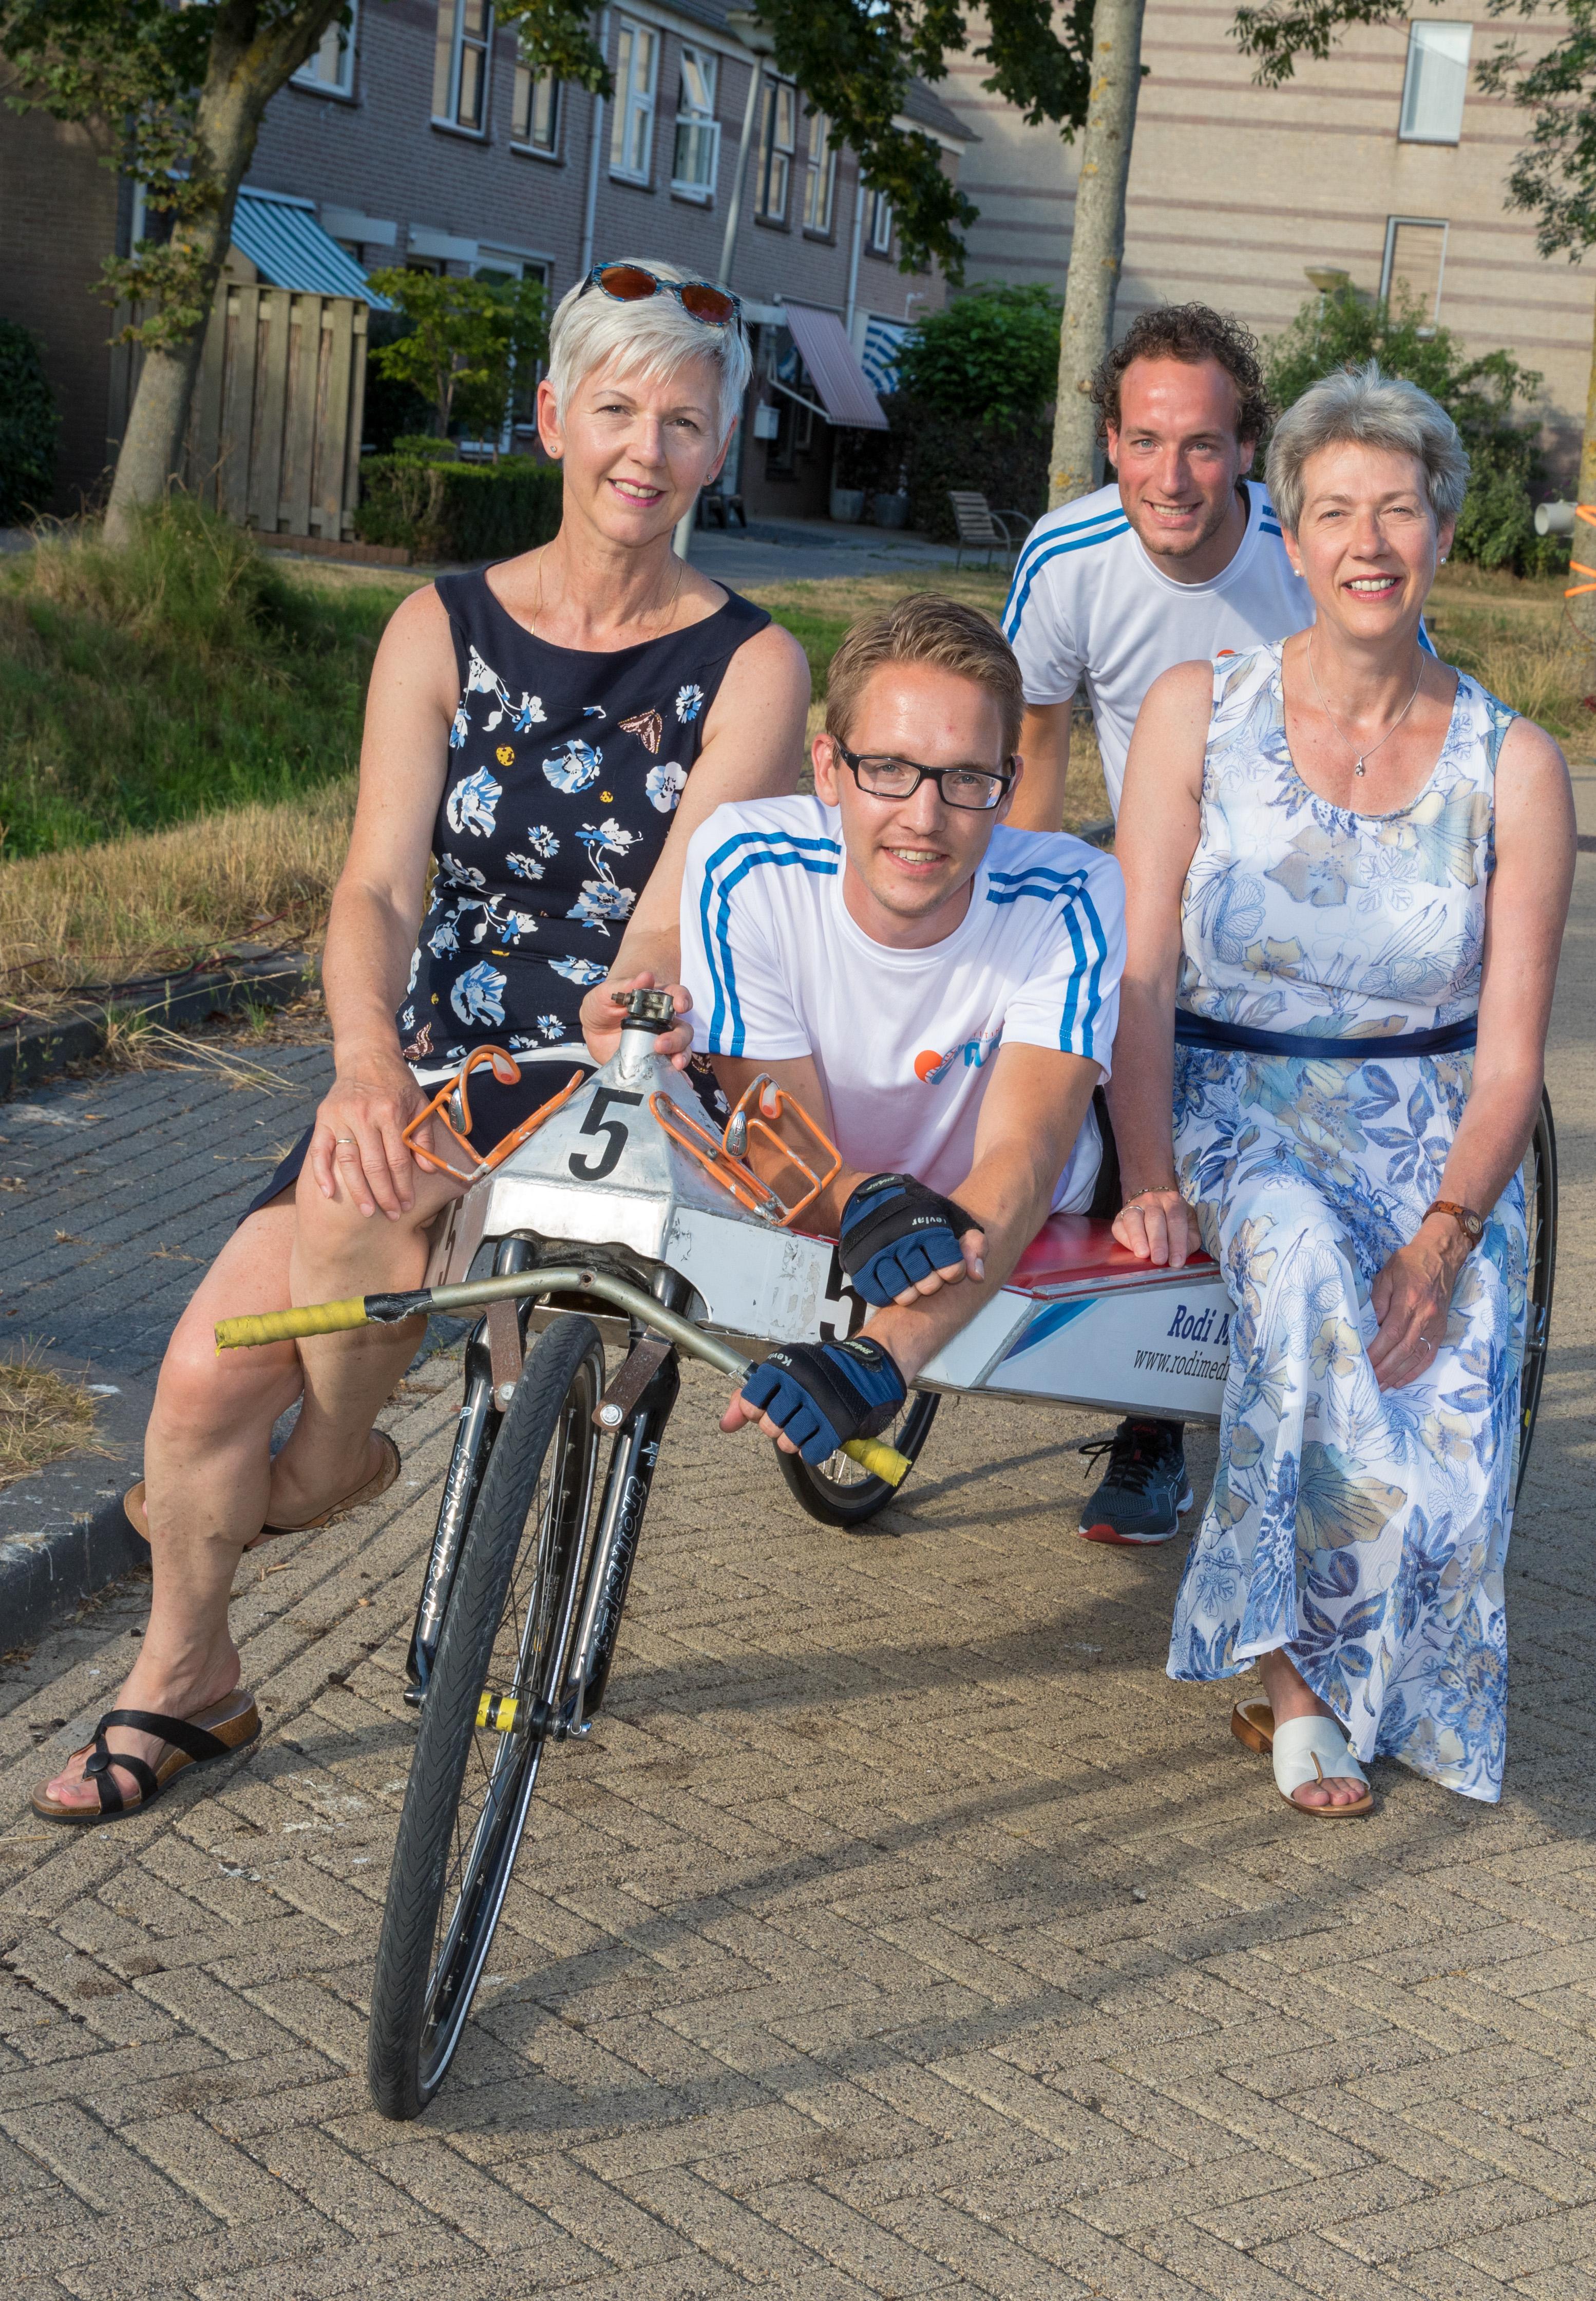 Vlnr. Margriet Klinkert, Annet Klinkert, Rick Molenaar en Bas Brammer. 'We genieten van kleine dingen en de rest is bijzaak.' (foto Vincent de Vries/ RM) rodi.nl © rodi